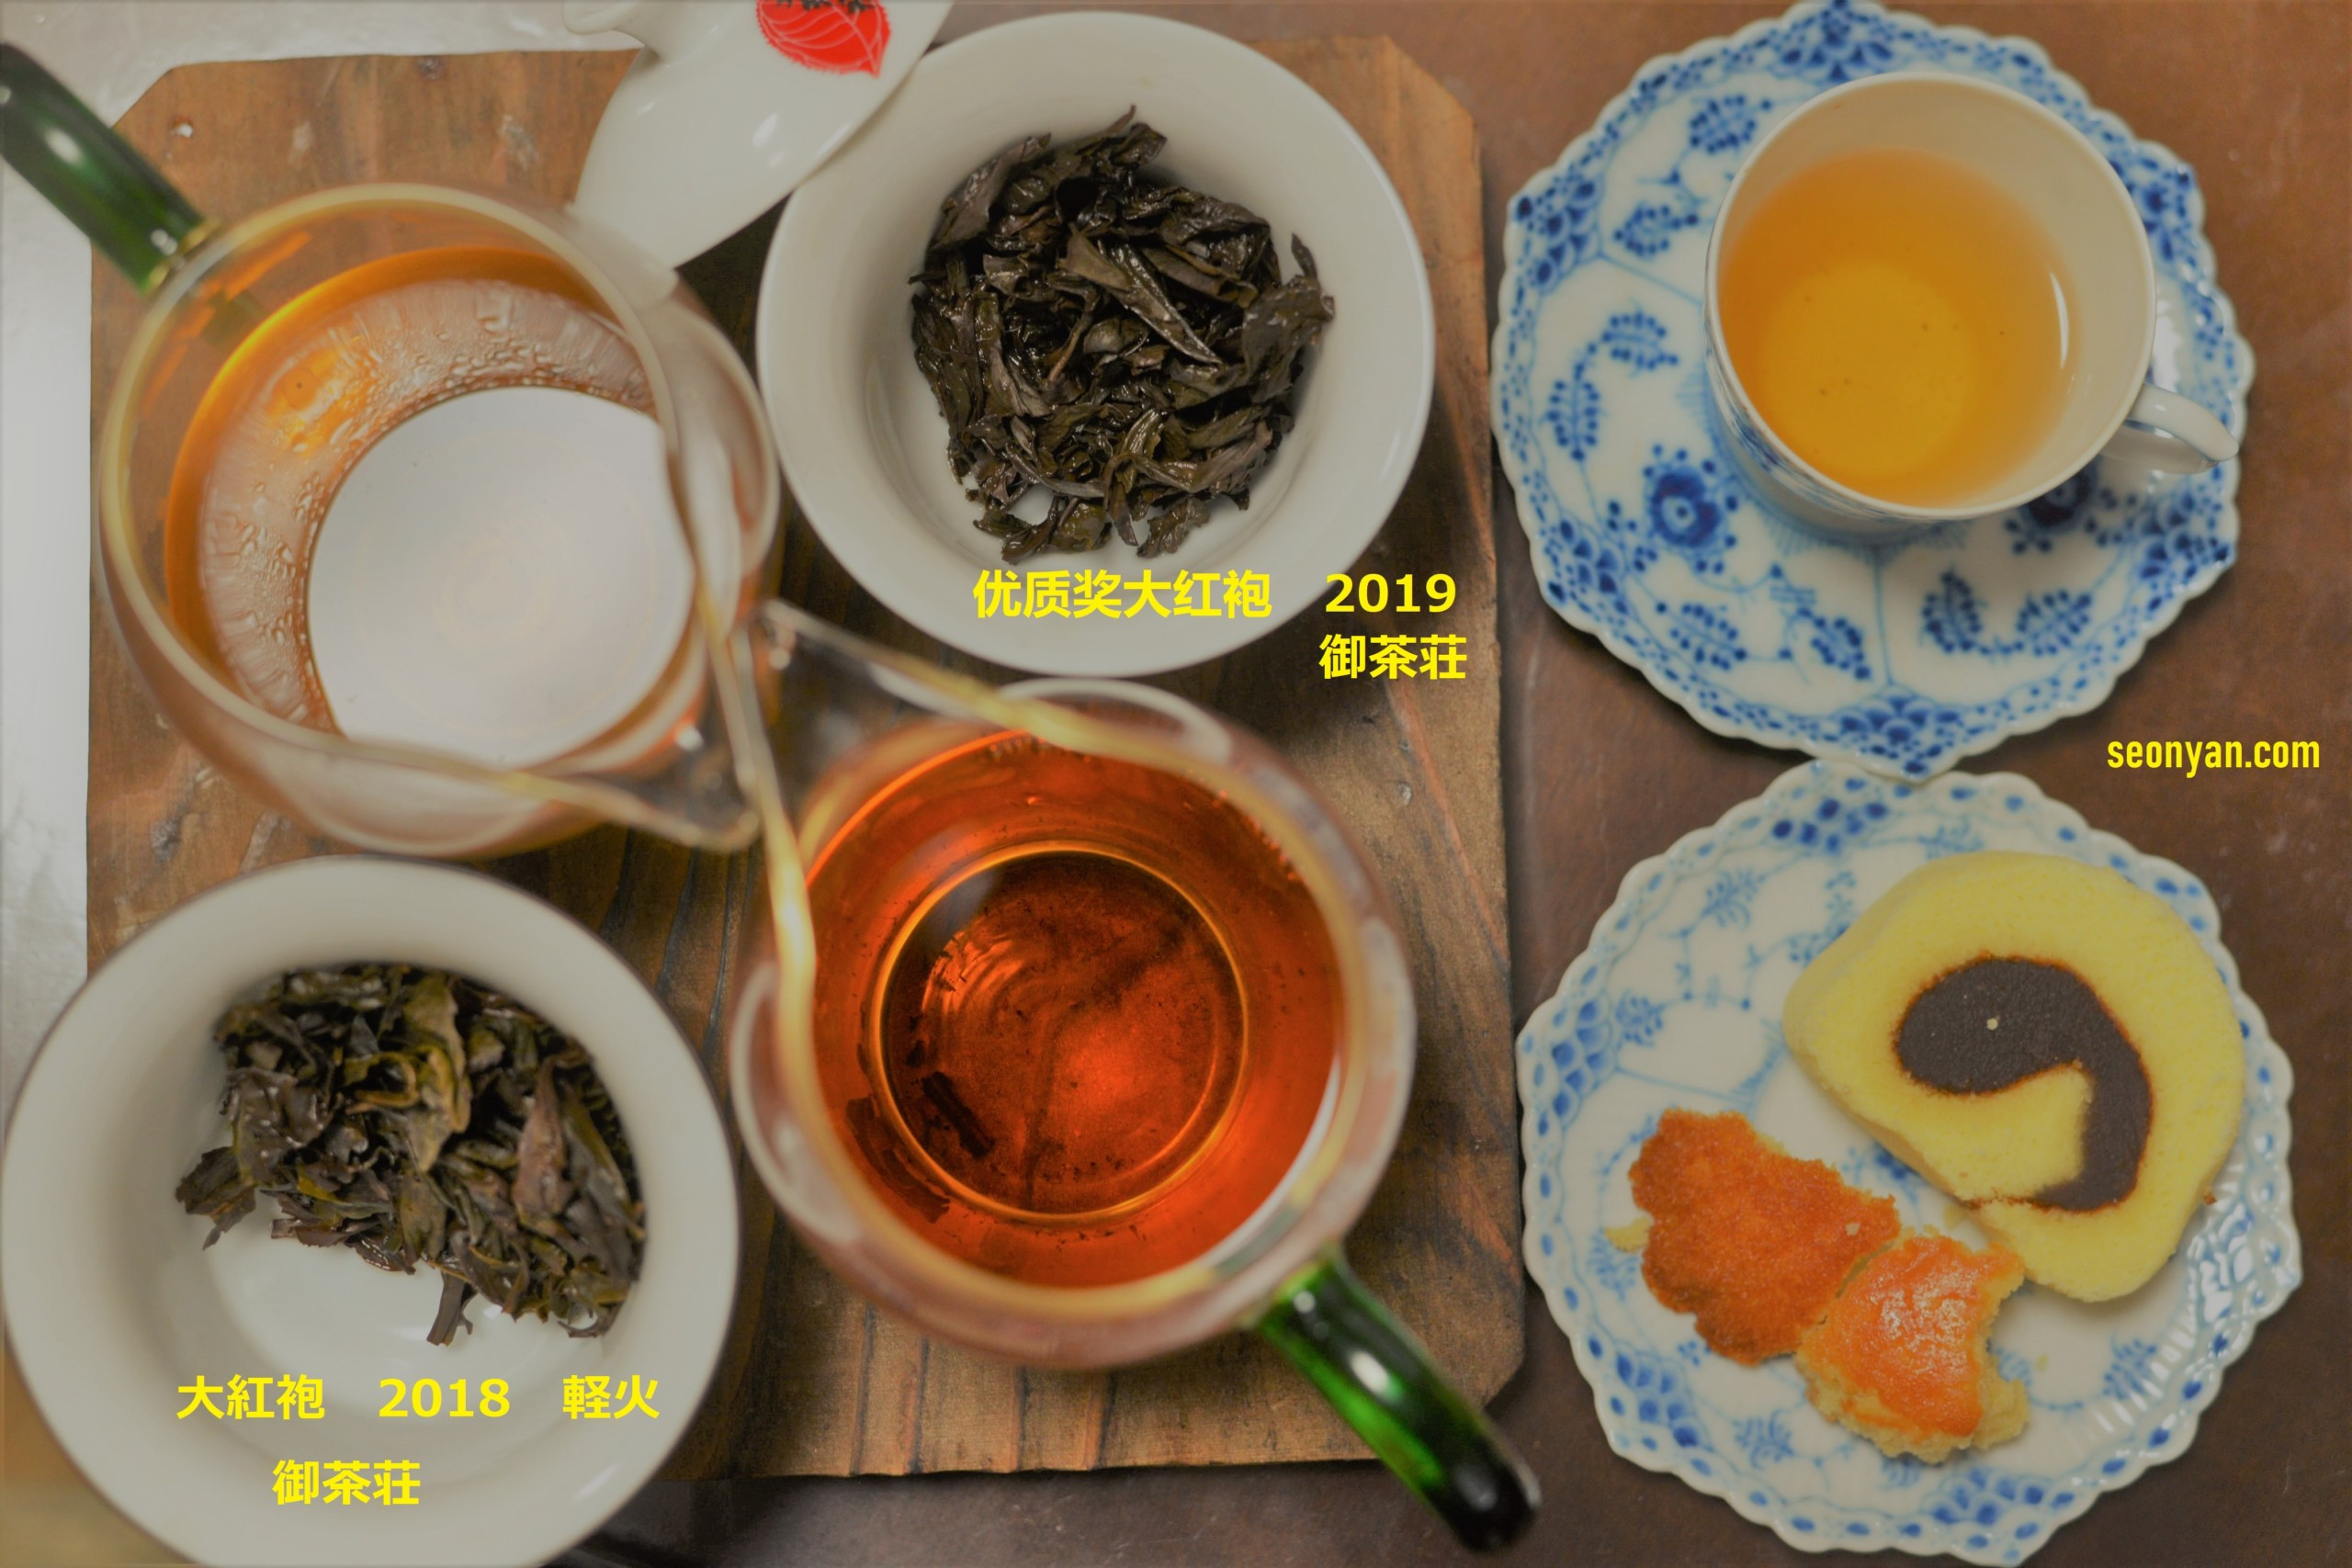 大紅袍の焙煎の違いにおける、茶液の色の違い